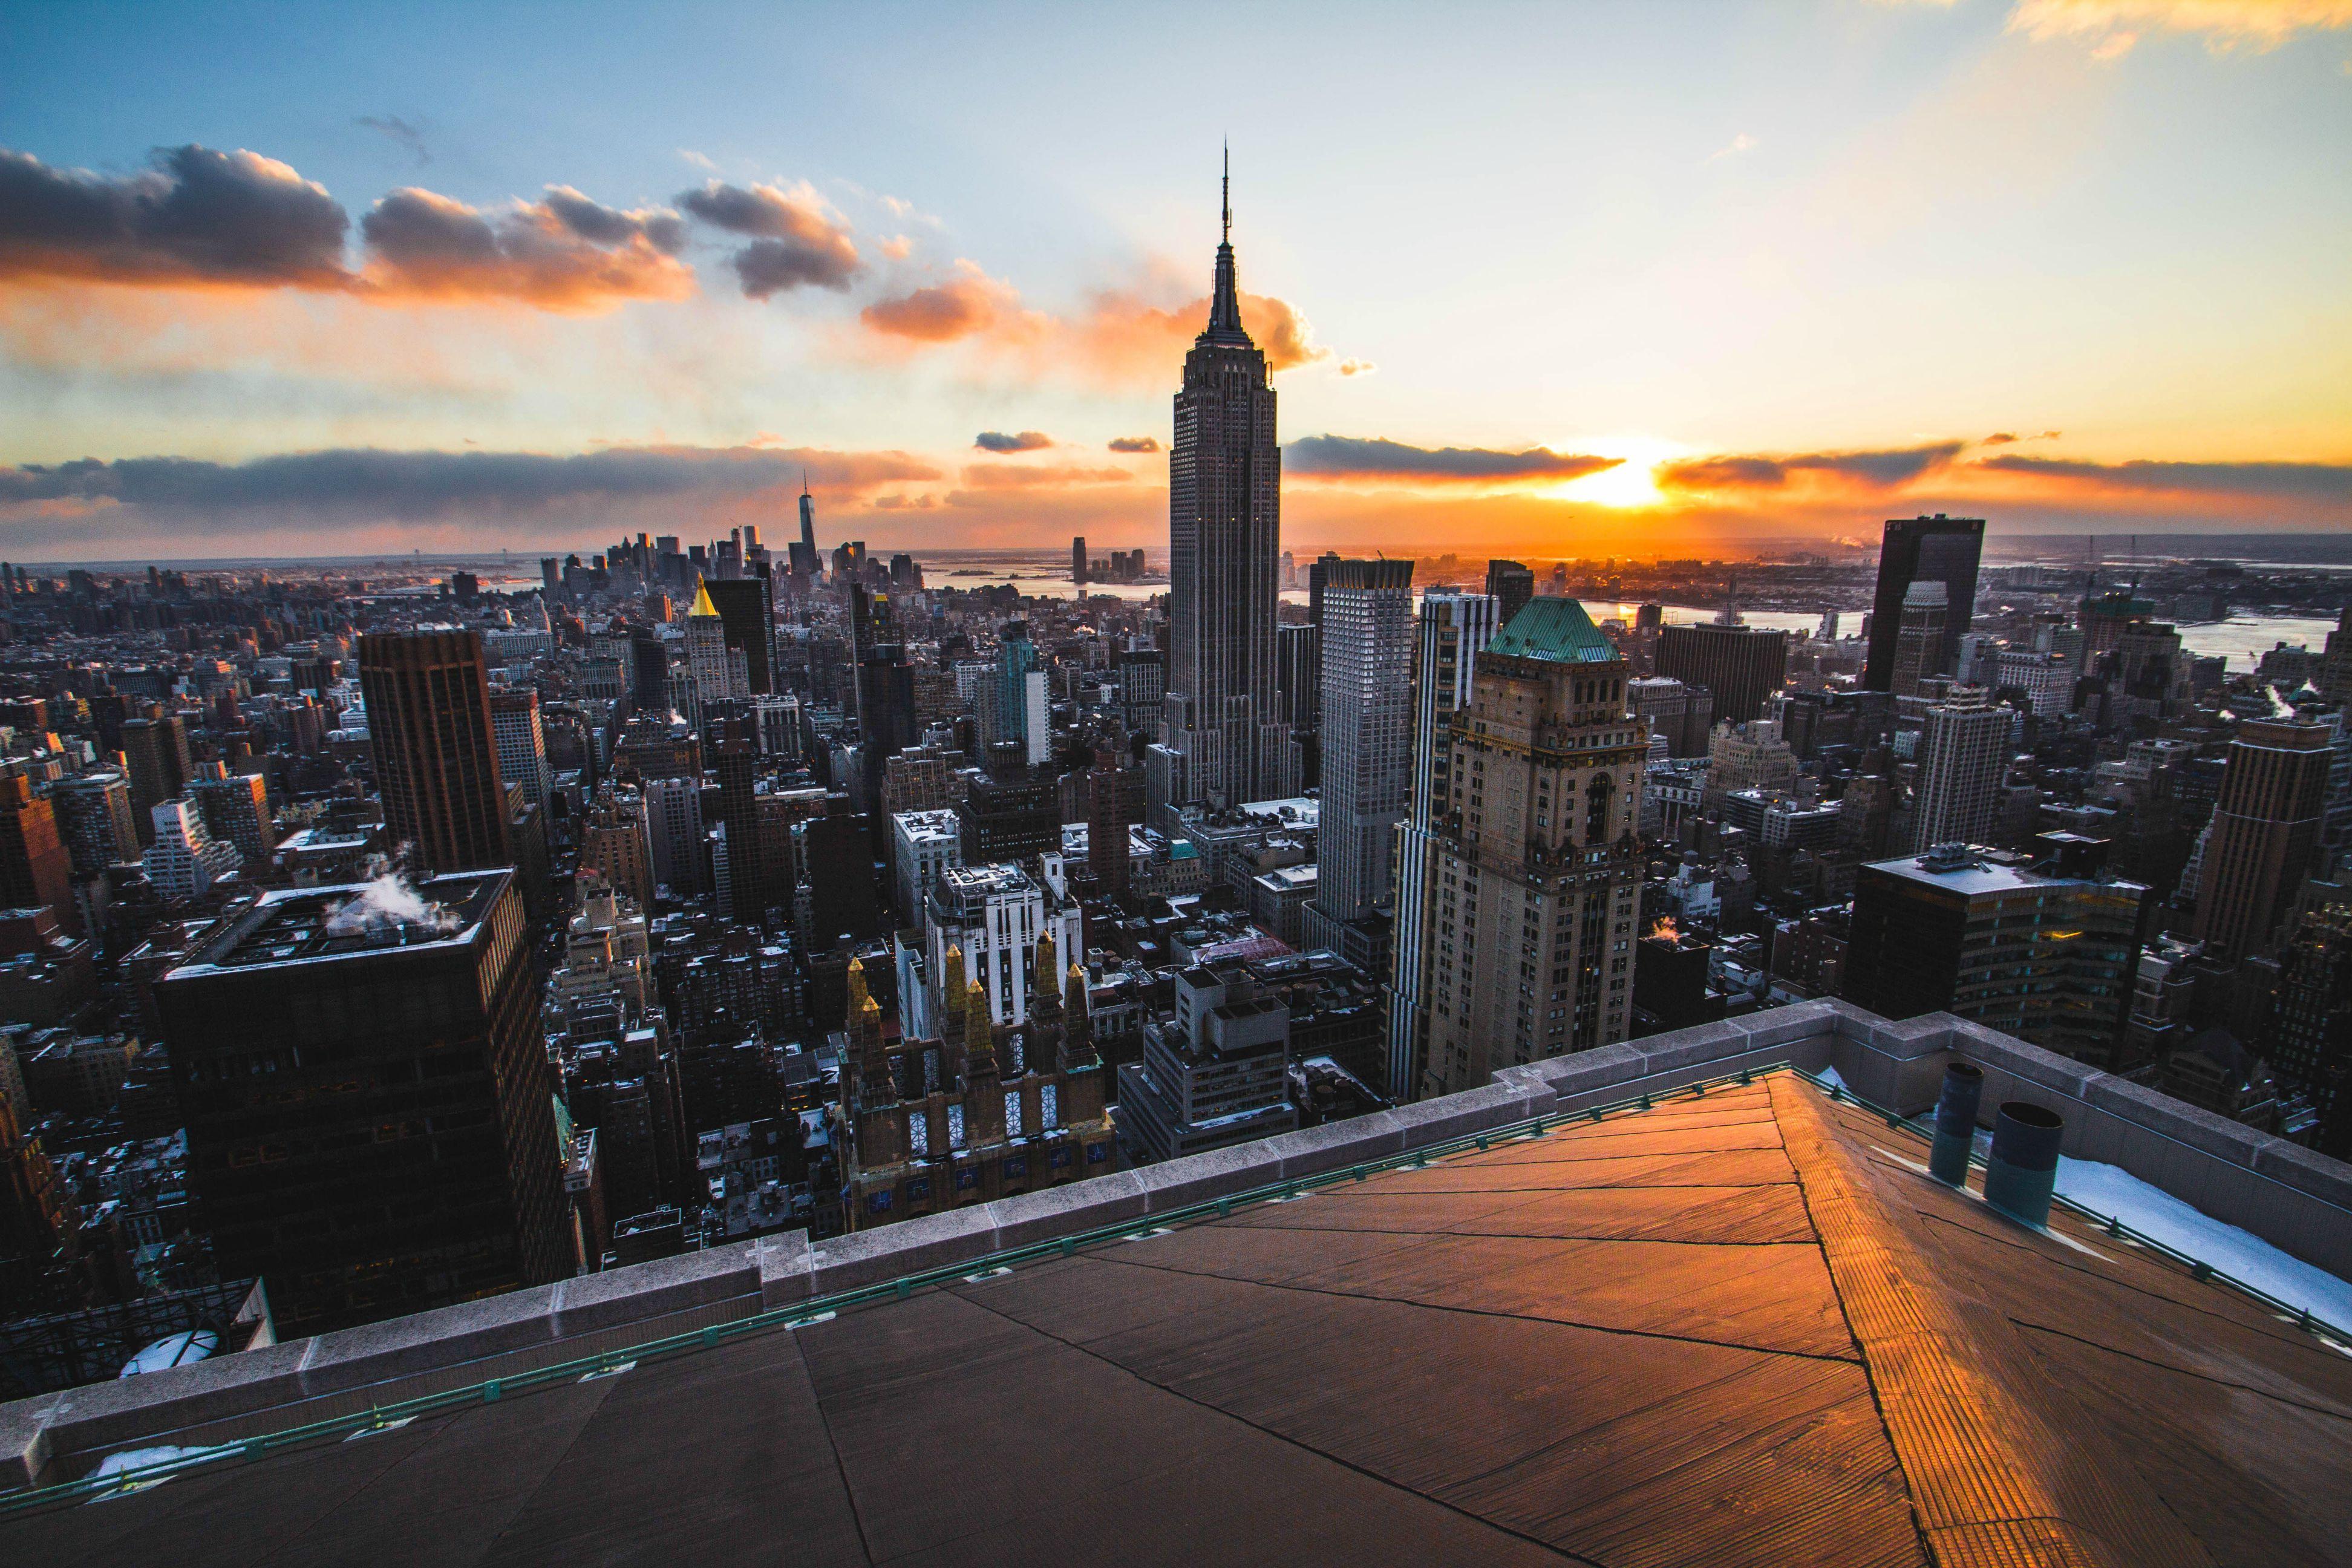 Rooftop View Of Manhattan New York More Of My Paintings On Instagram Flashinglig Jpg 3 888 2 592 Pixels City Buildings Skyscraper Rooftop